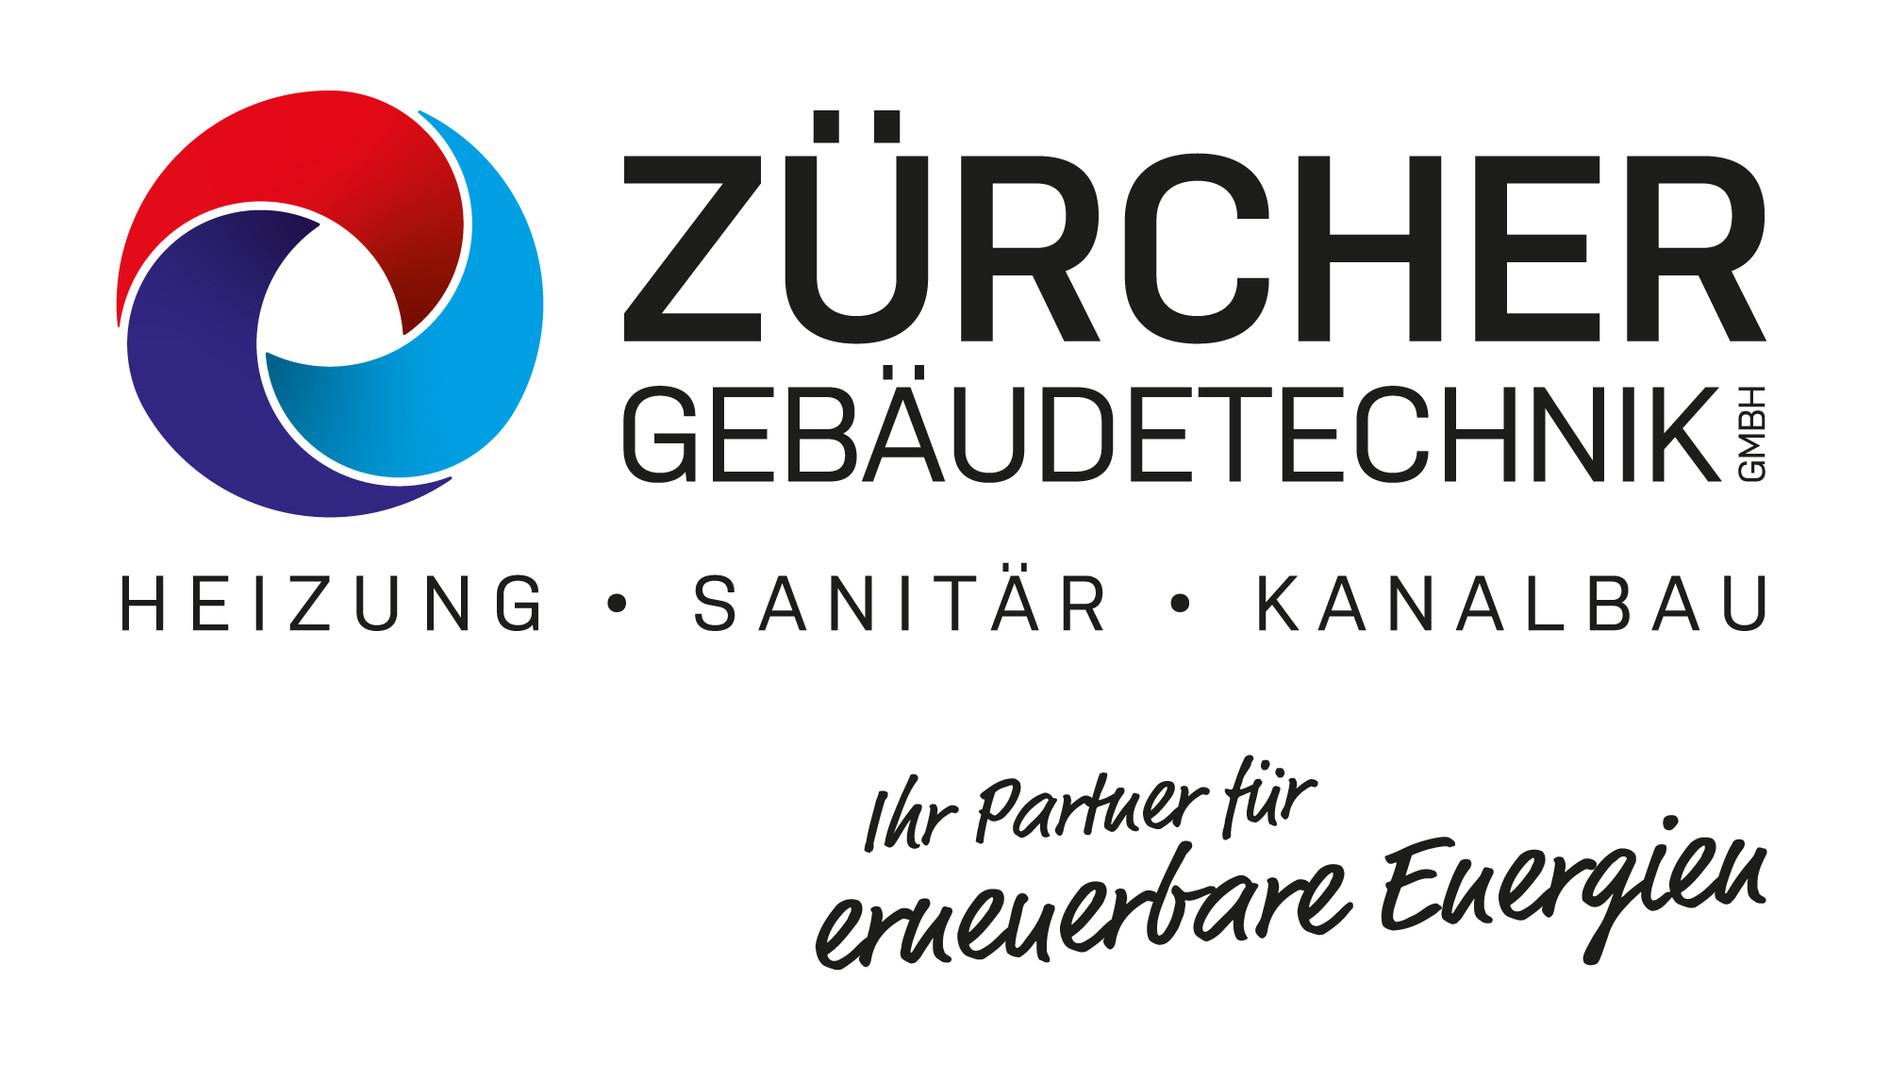 Logo-Zuercher_Gebaeudetechnik_Ihr-Partne